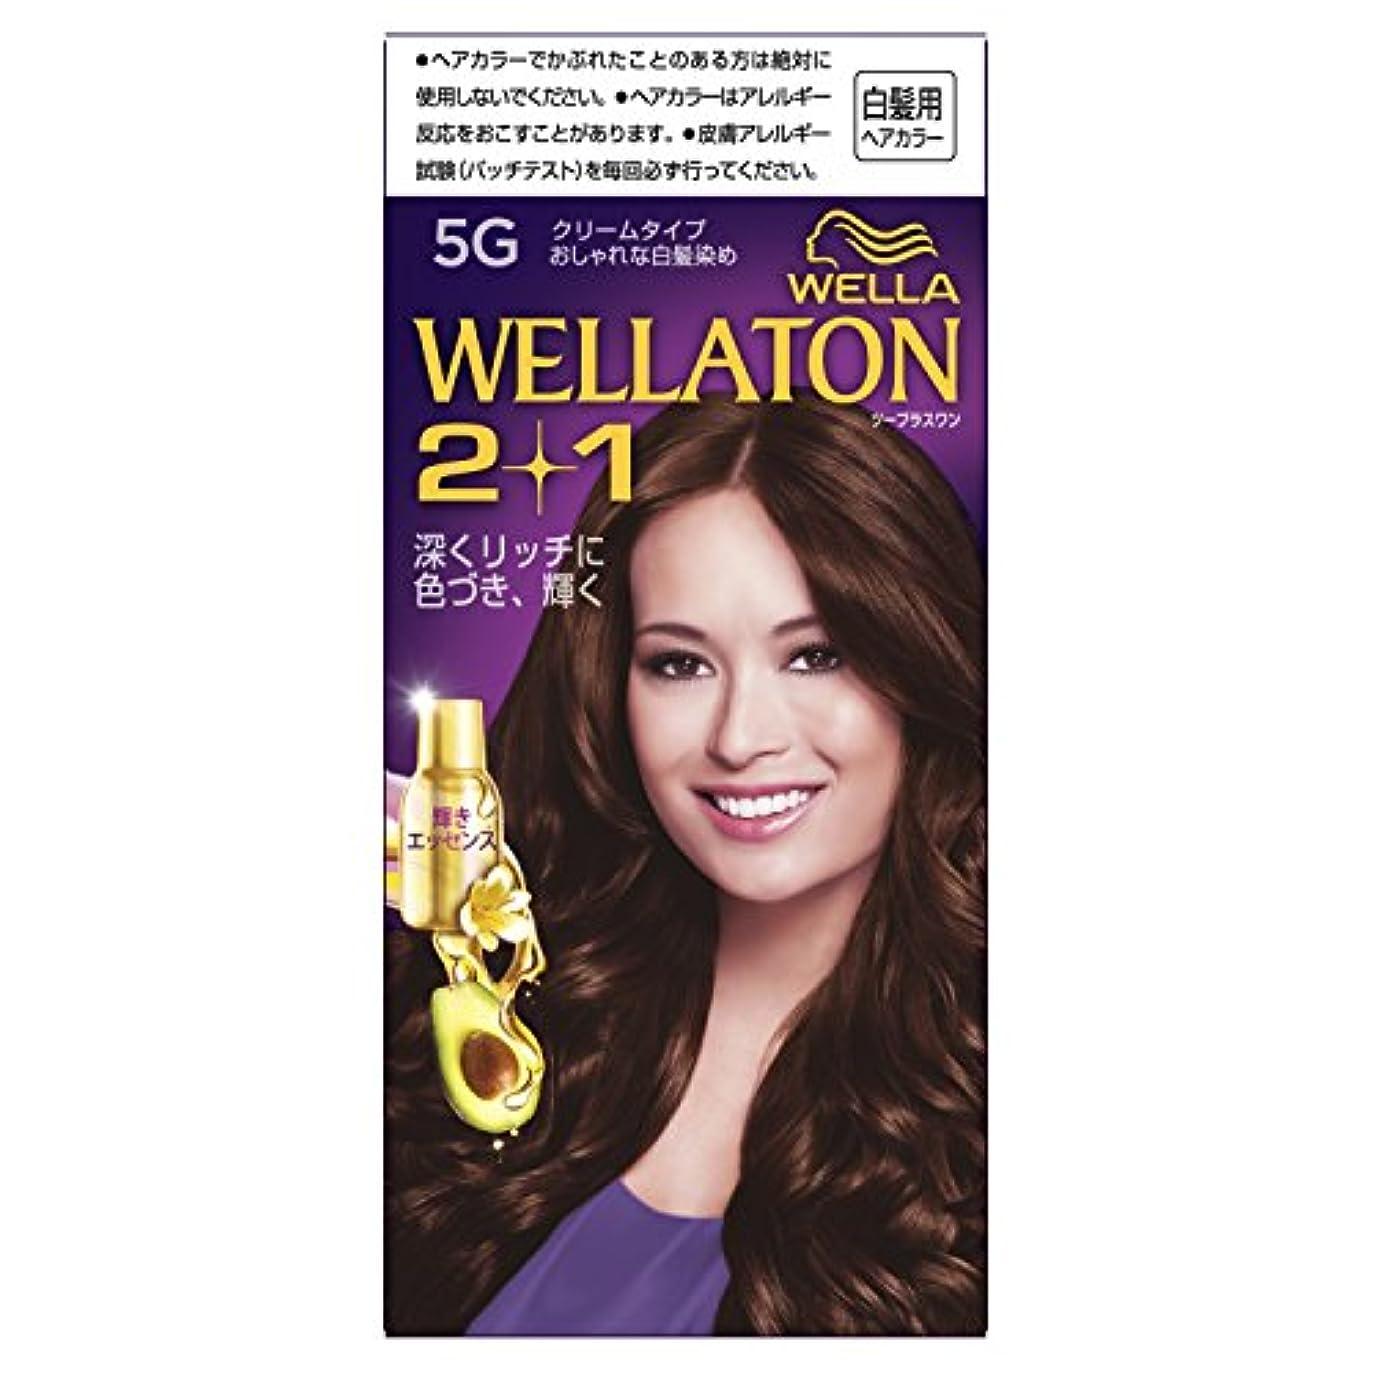 鋼ライムウエラトーン2+1 クリームタイプ 5G [医薬部外品](おしゃれな白髪染め)